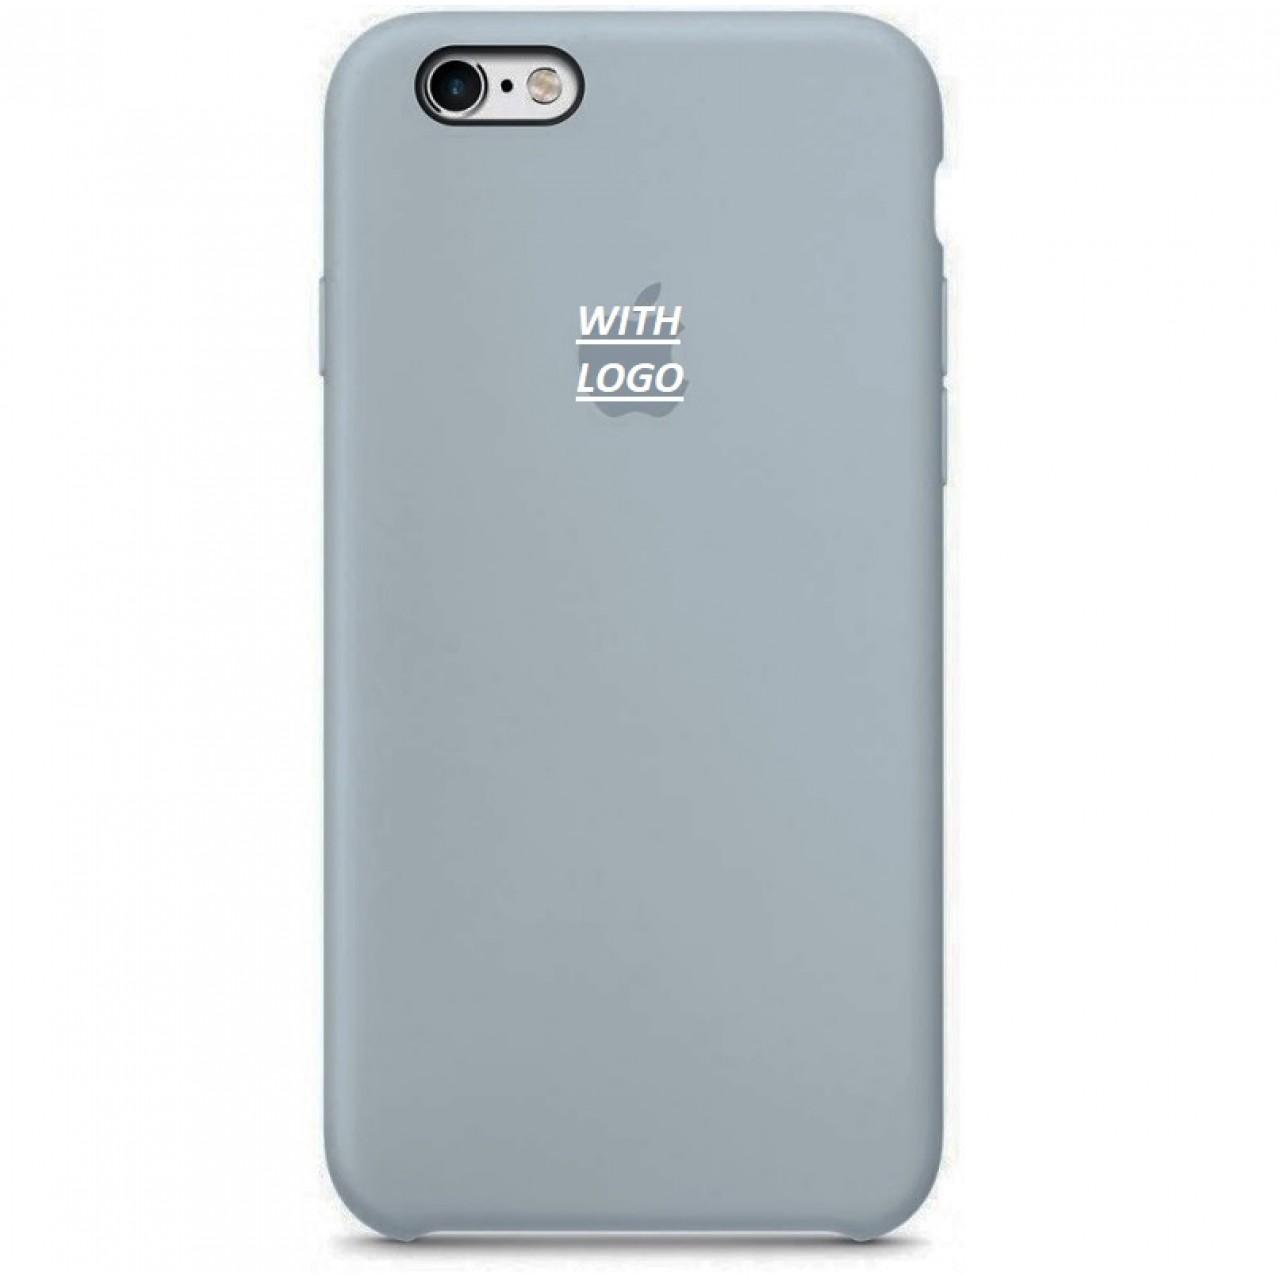 ΘΗΚΗ ΠΡΟΣΤΑΣΙΑΣ ΣΙΛΙΚΟΝΗΣ ΓΙΑ iPhone 6 PLUS ΑΠΑΛΟ ΓΚΡΙ  - BACK COVER SILICON CASE LIGHT GREY - OEM